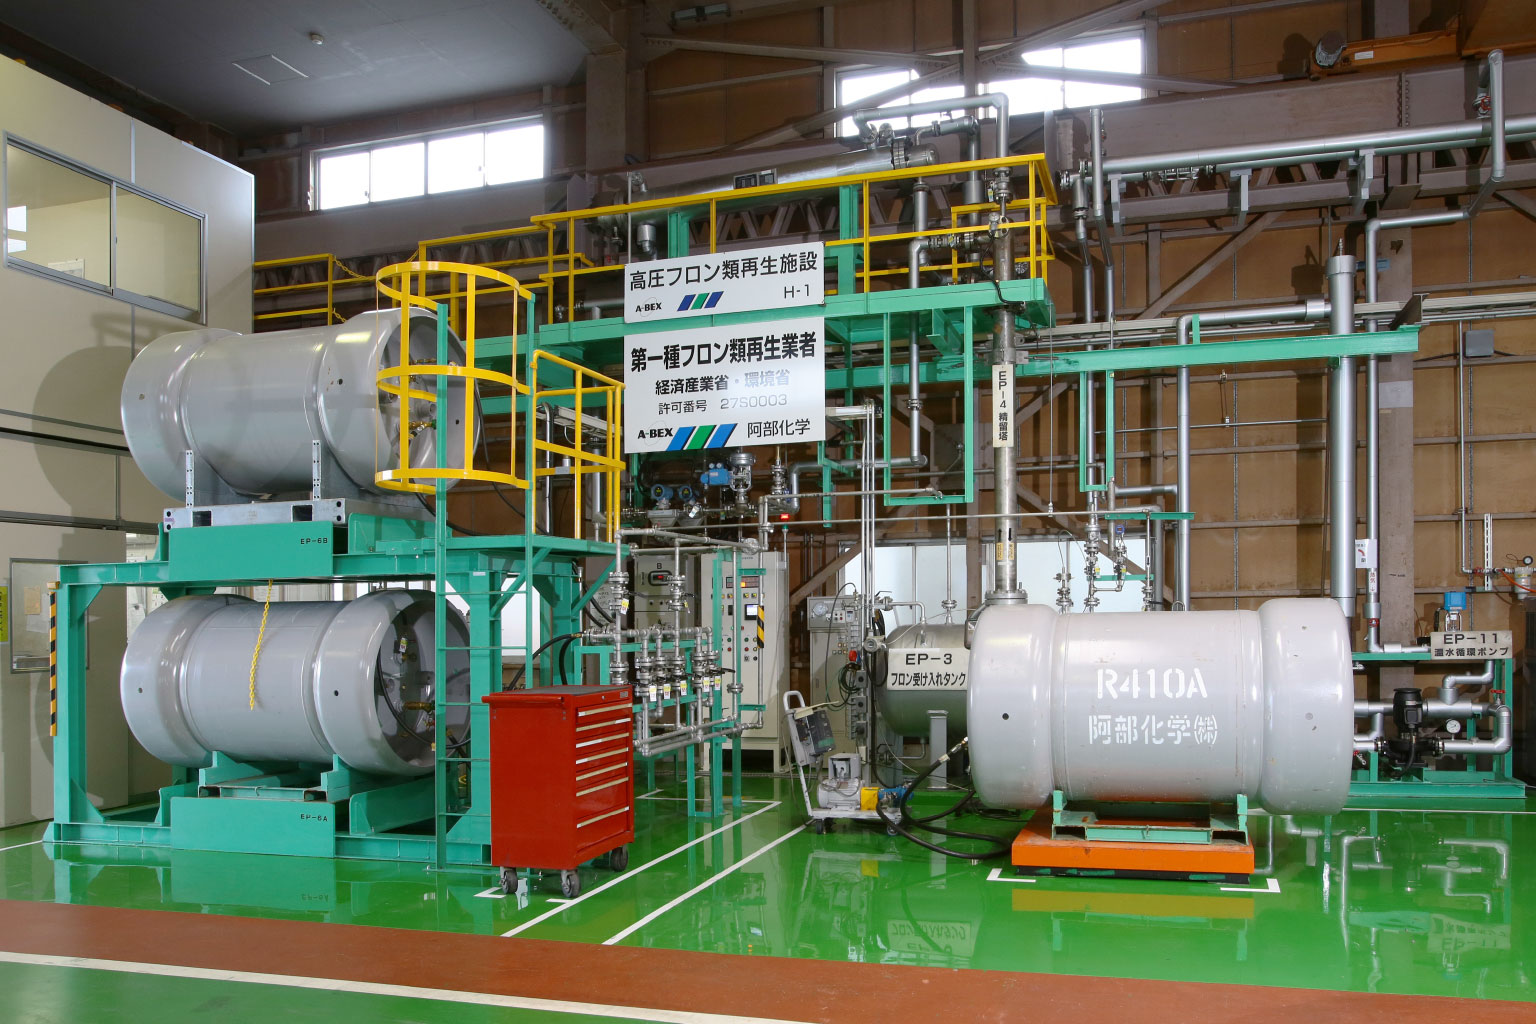 高圧フロン再生プラント(H-1)